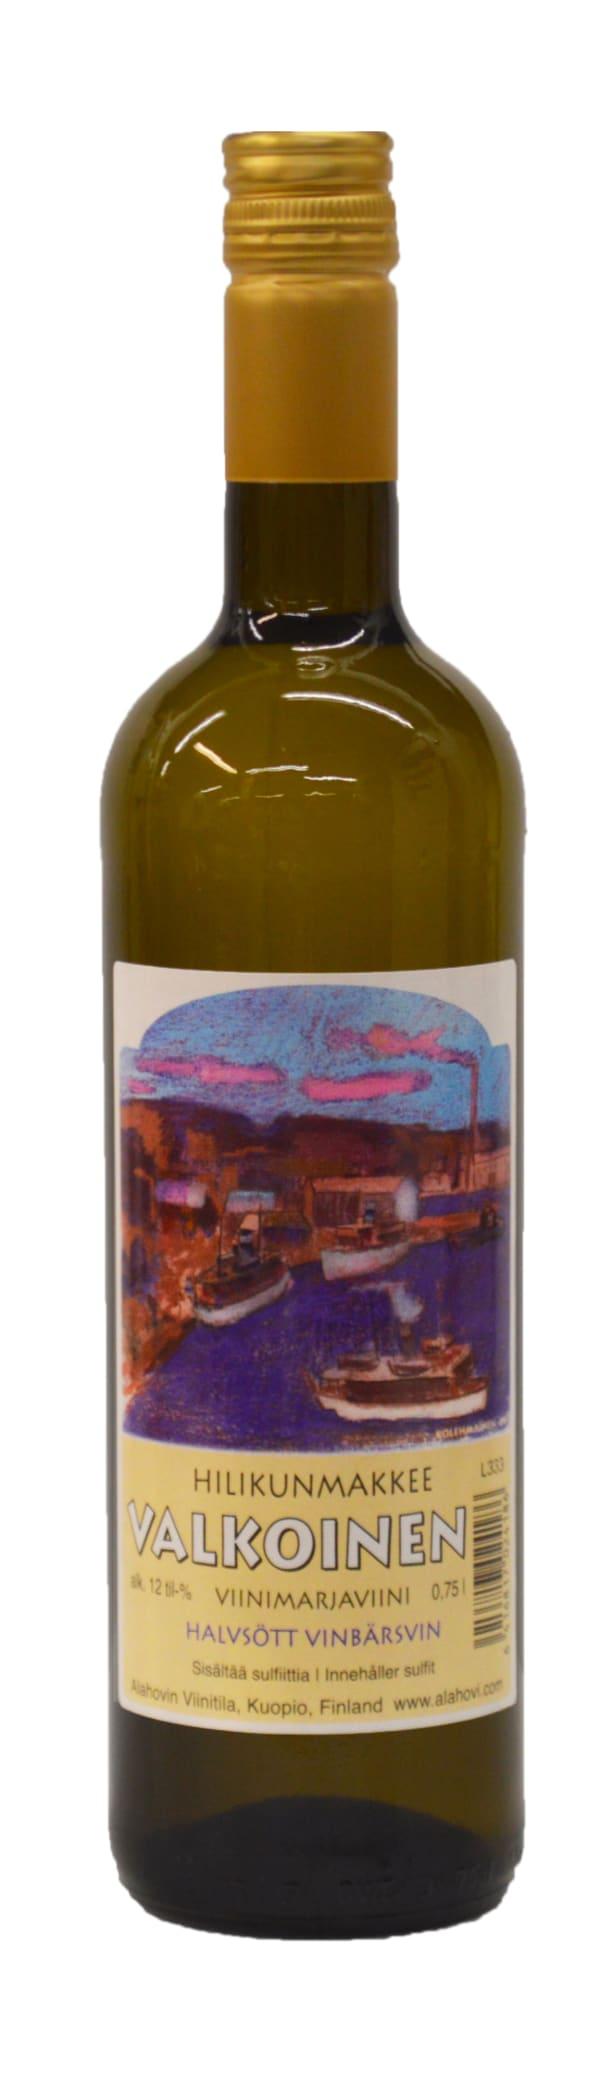 Alahovin Hilikunmakkee Valkoinen Viinimarjaviini